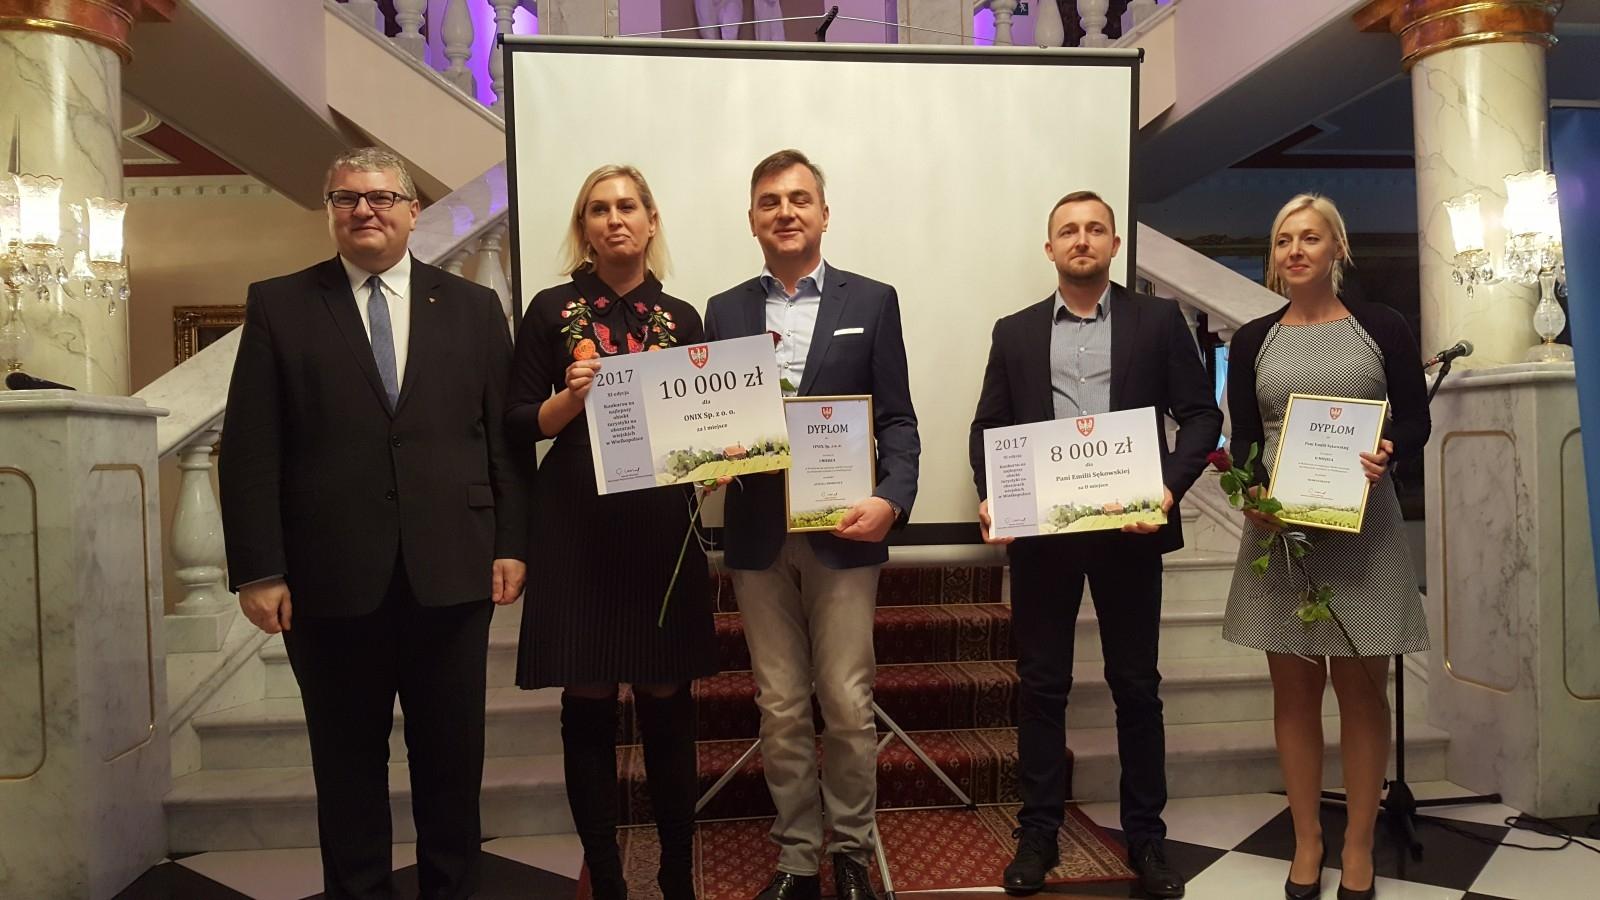 zwielkopolski24.pl XI edycji konkursu na najlepszy obiekt turystyki na obszarach wiejskich w Wielkopolsce - Zdjęcie główne